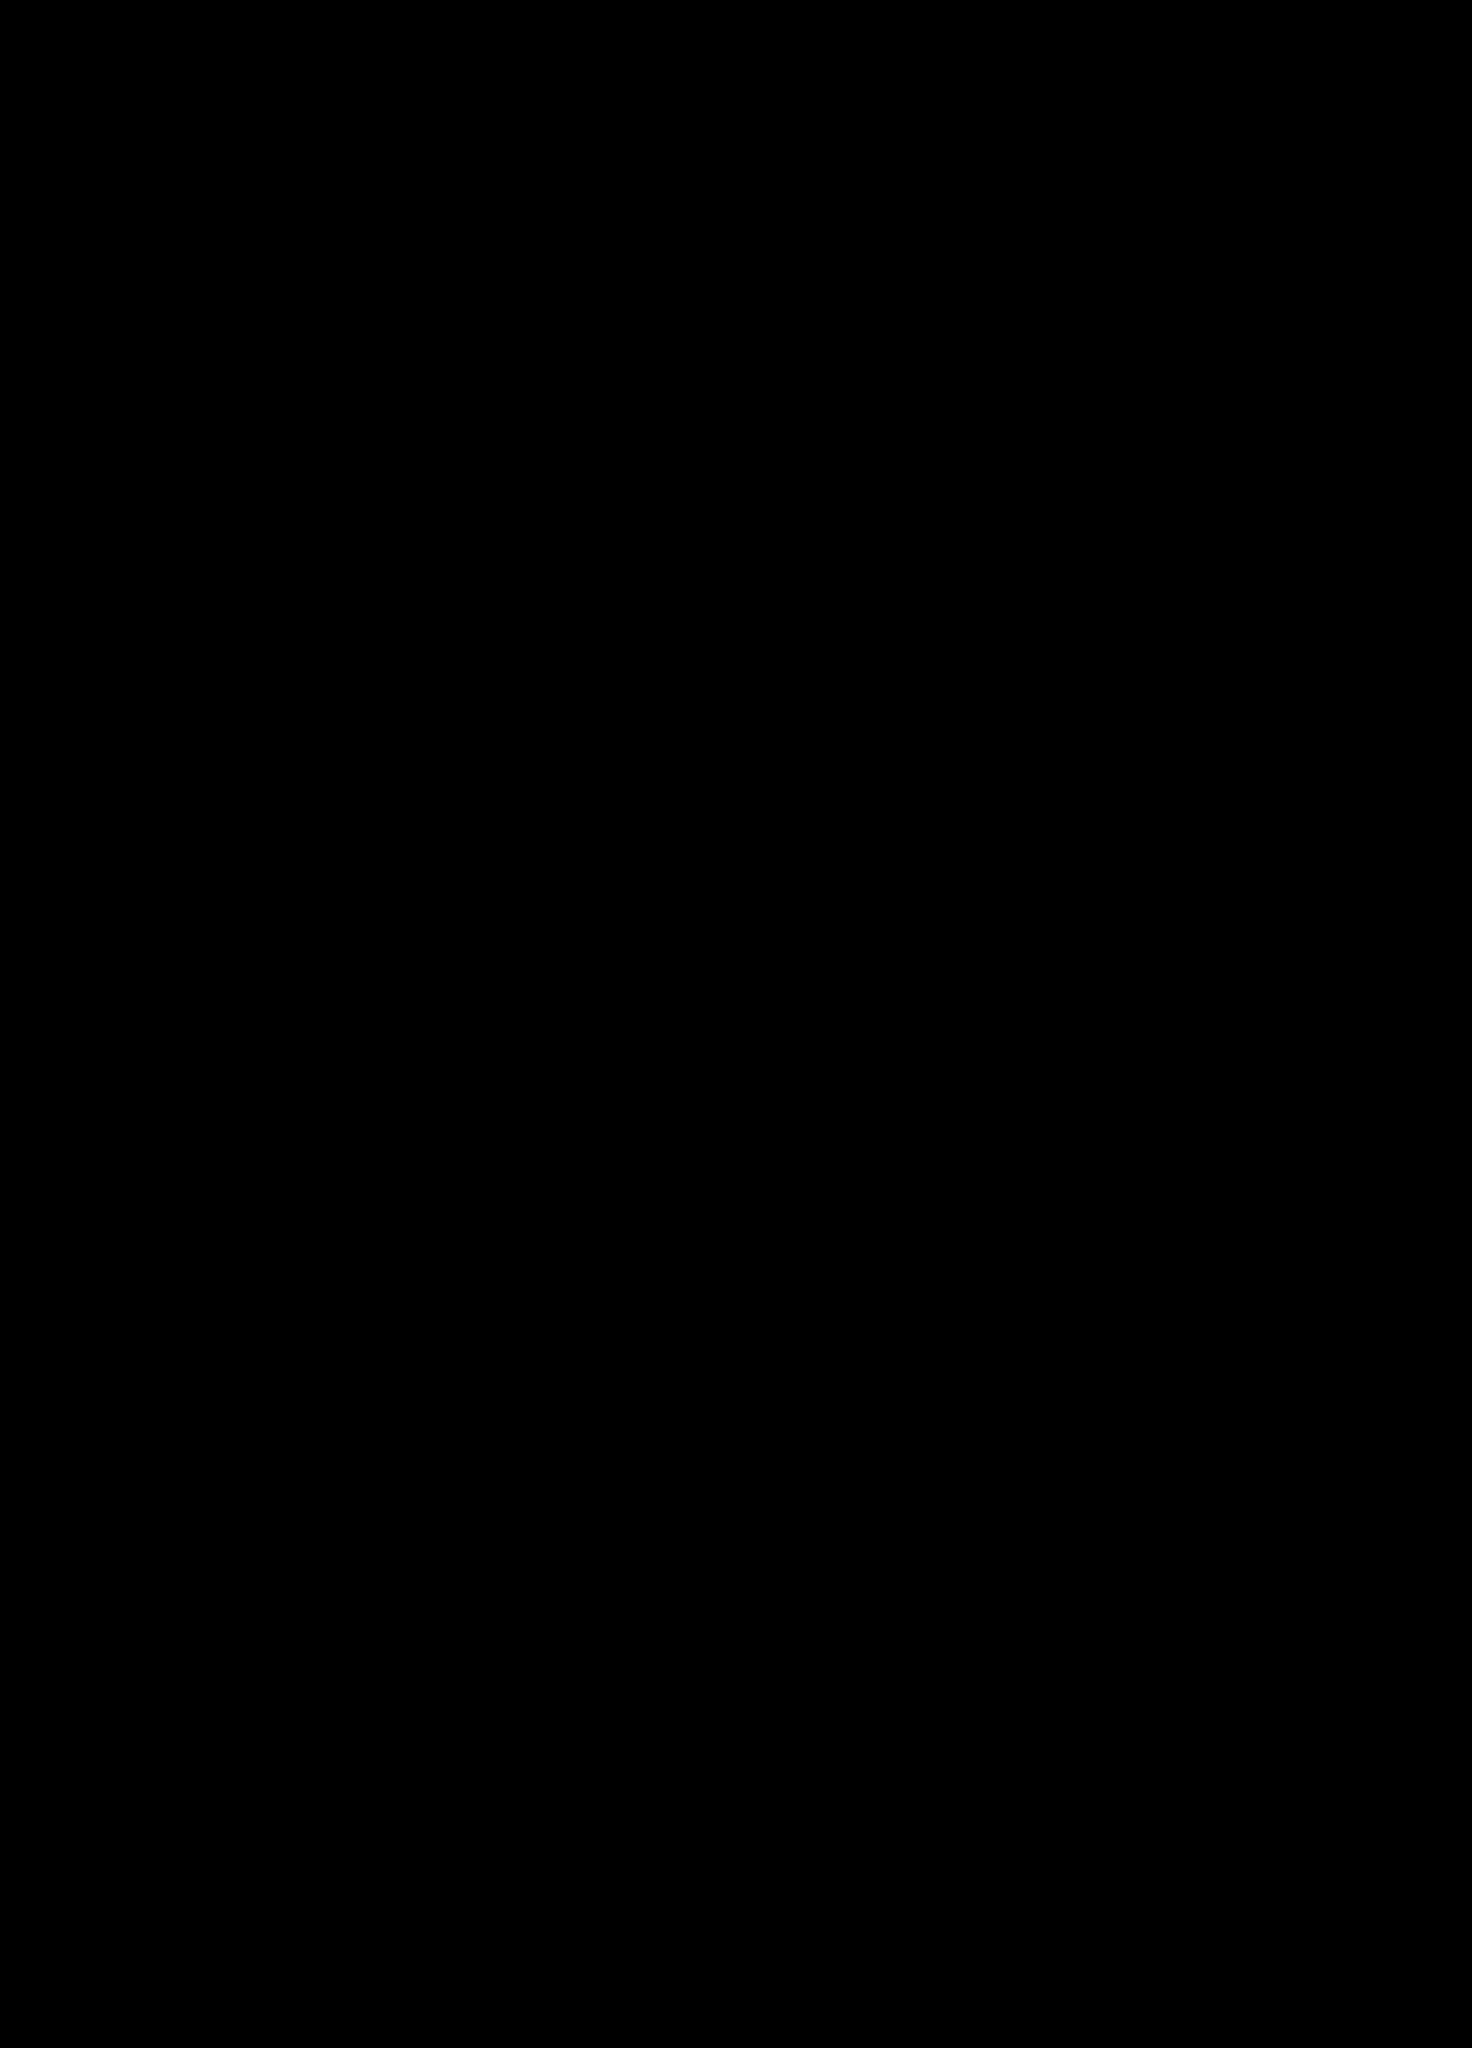 snow whitesilhouette - Google Search | disney silhouettes ...